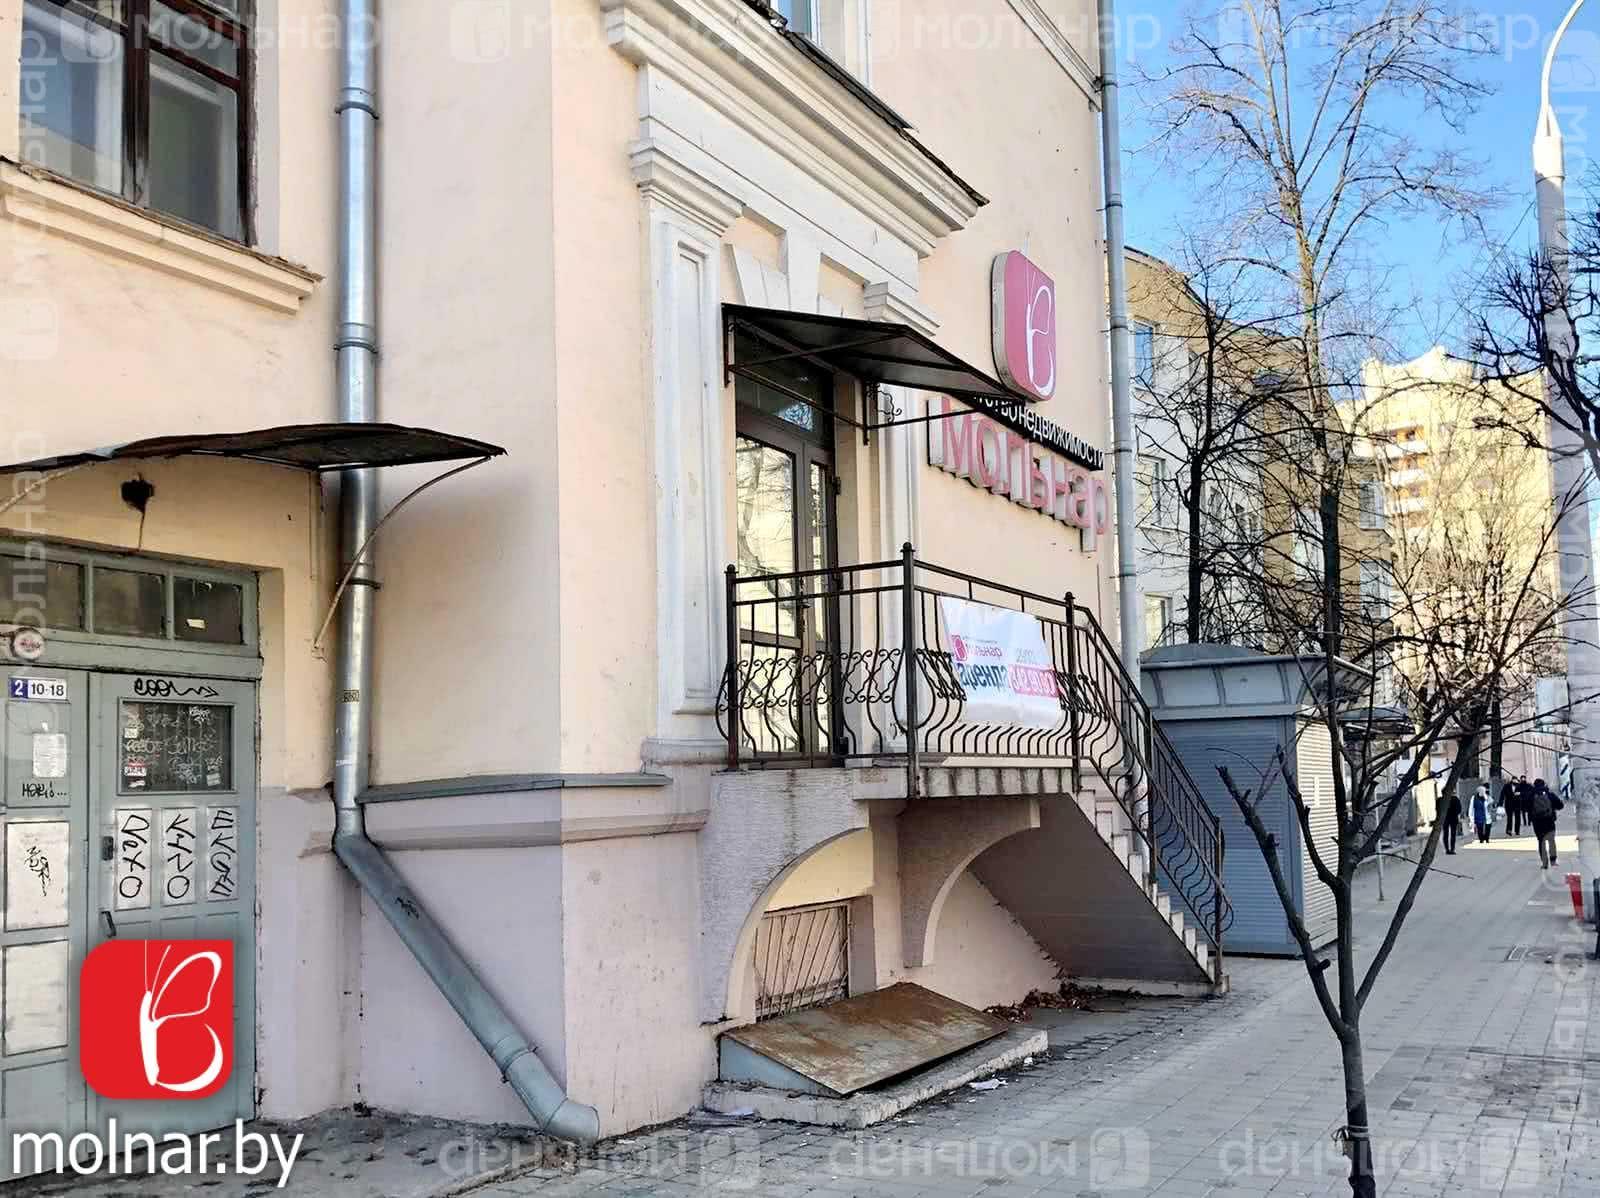 Аренда офиса на ул. Сурганова, д. 25 в Минске - фото 3